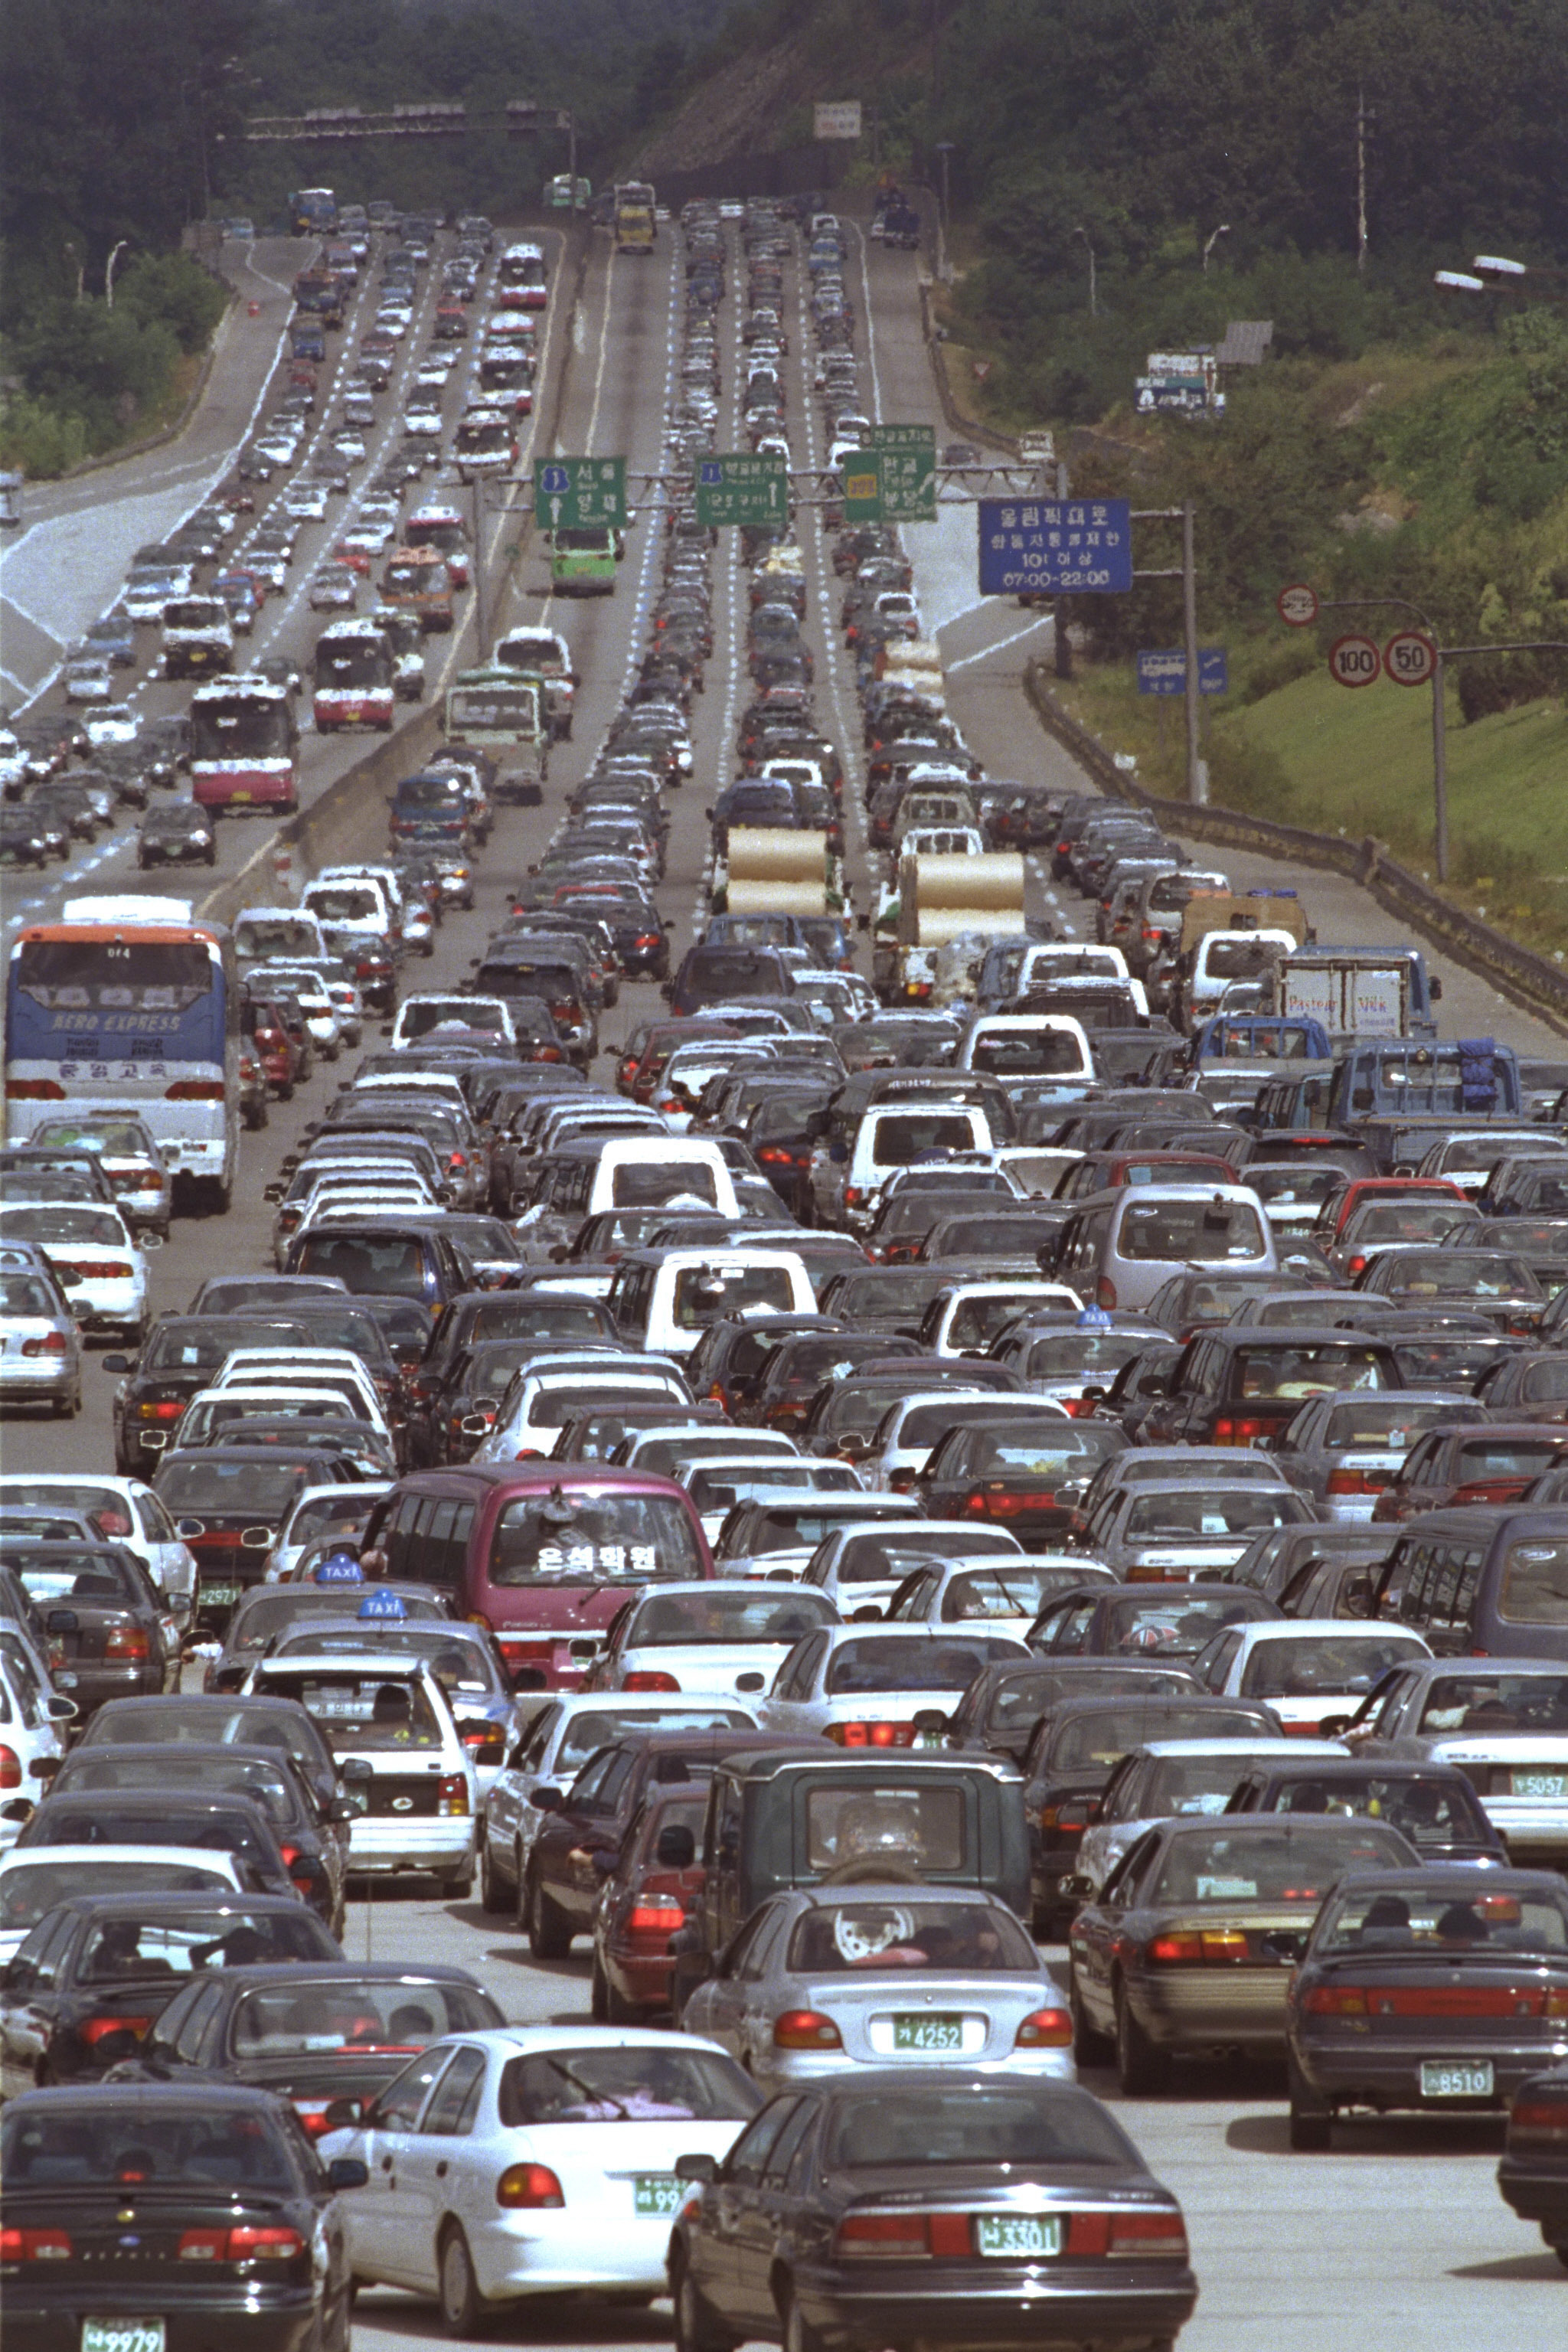 1997년 추석(9월16일) 연휴 마지막날인 9월 17일 서울 톨게이트가 귀경차량들로 꽉 들어차 있다.[중앙포토]